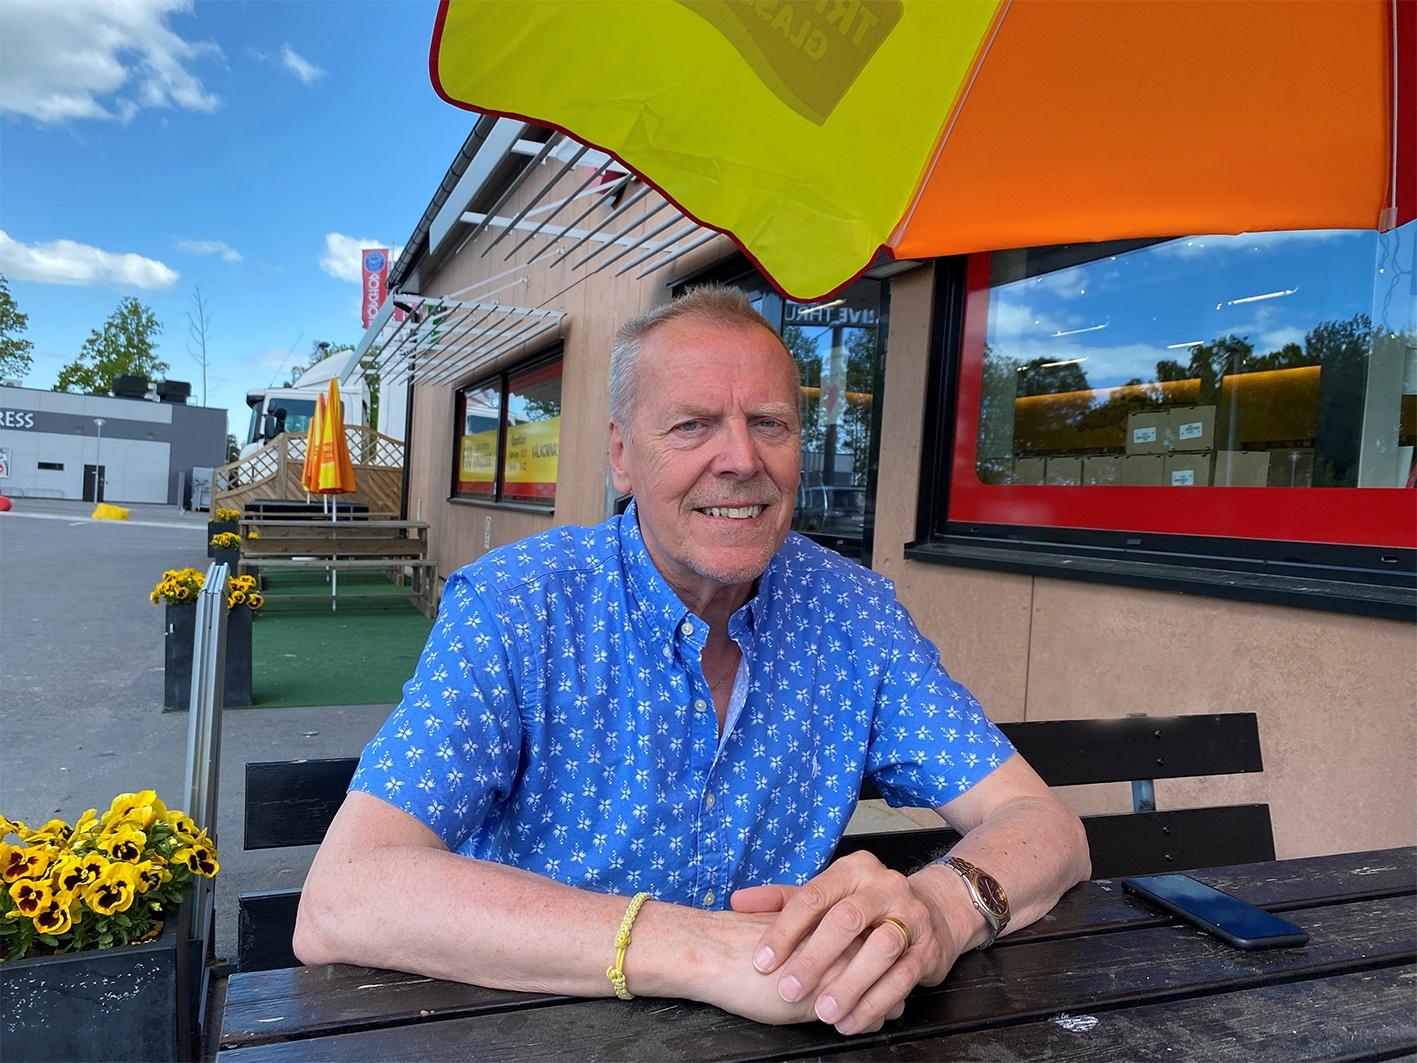 Ett foto på en leende man som sitter under ett färgglatt parasoll.